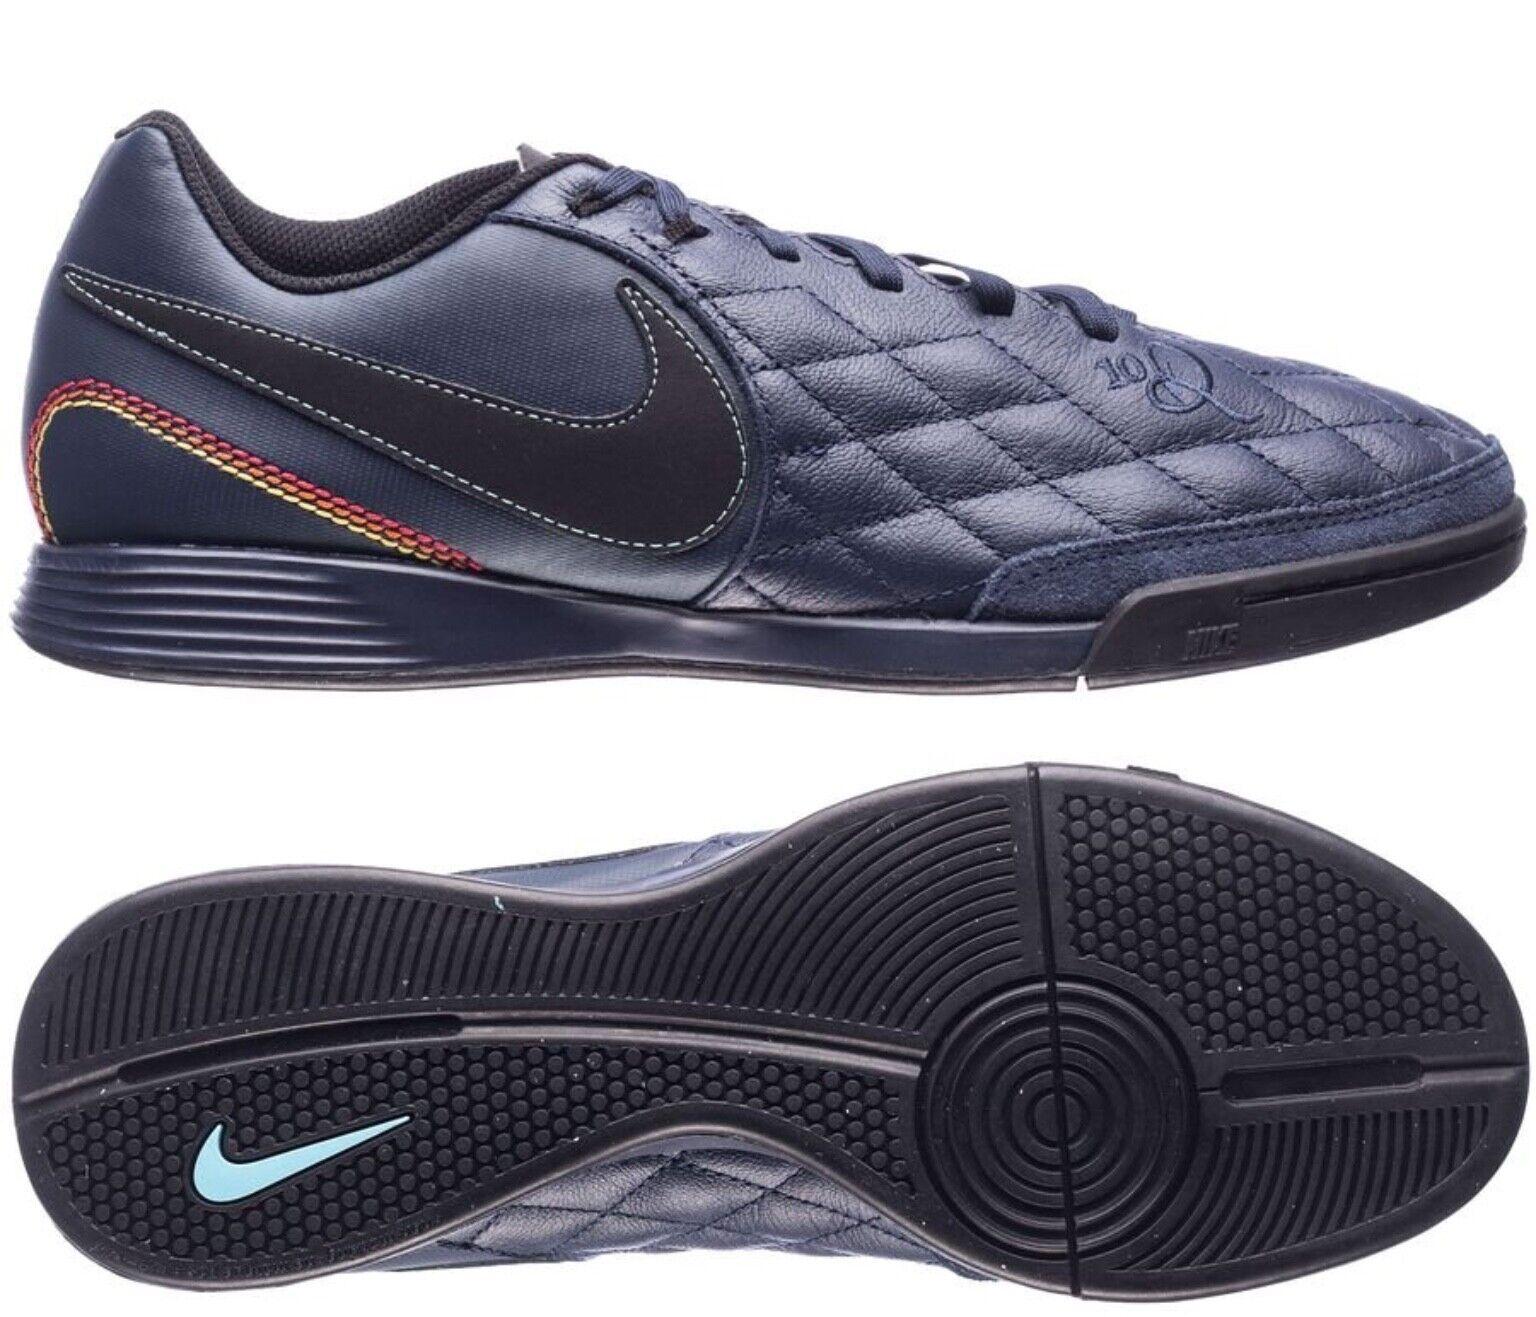 Nike TIEMPO ligera IV 10R IC Taglia UK6 EU39 US6.5 AQ2202-440